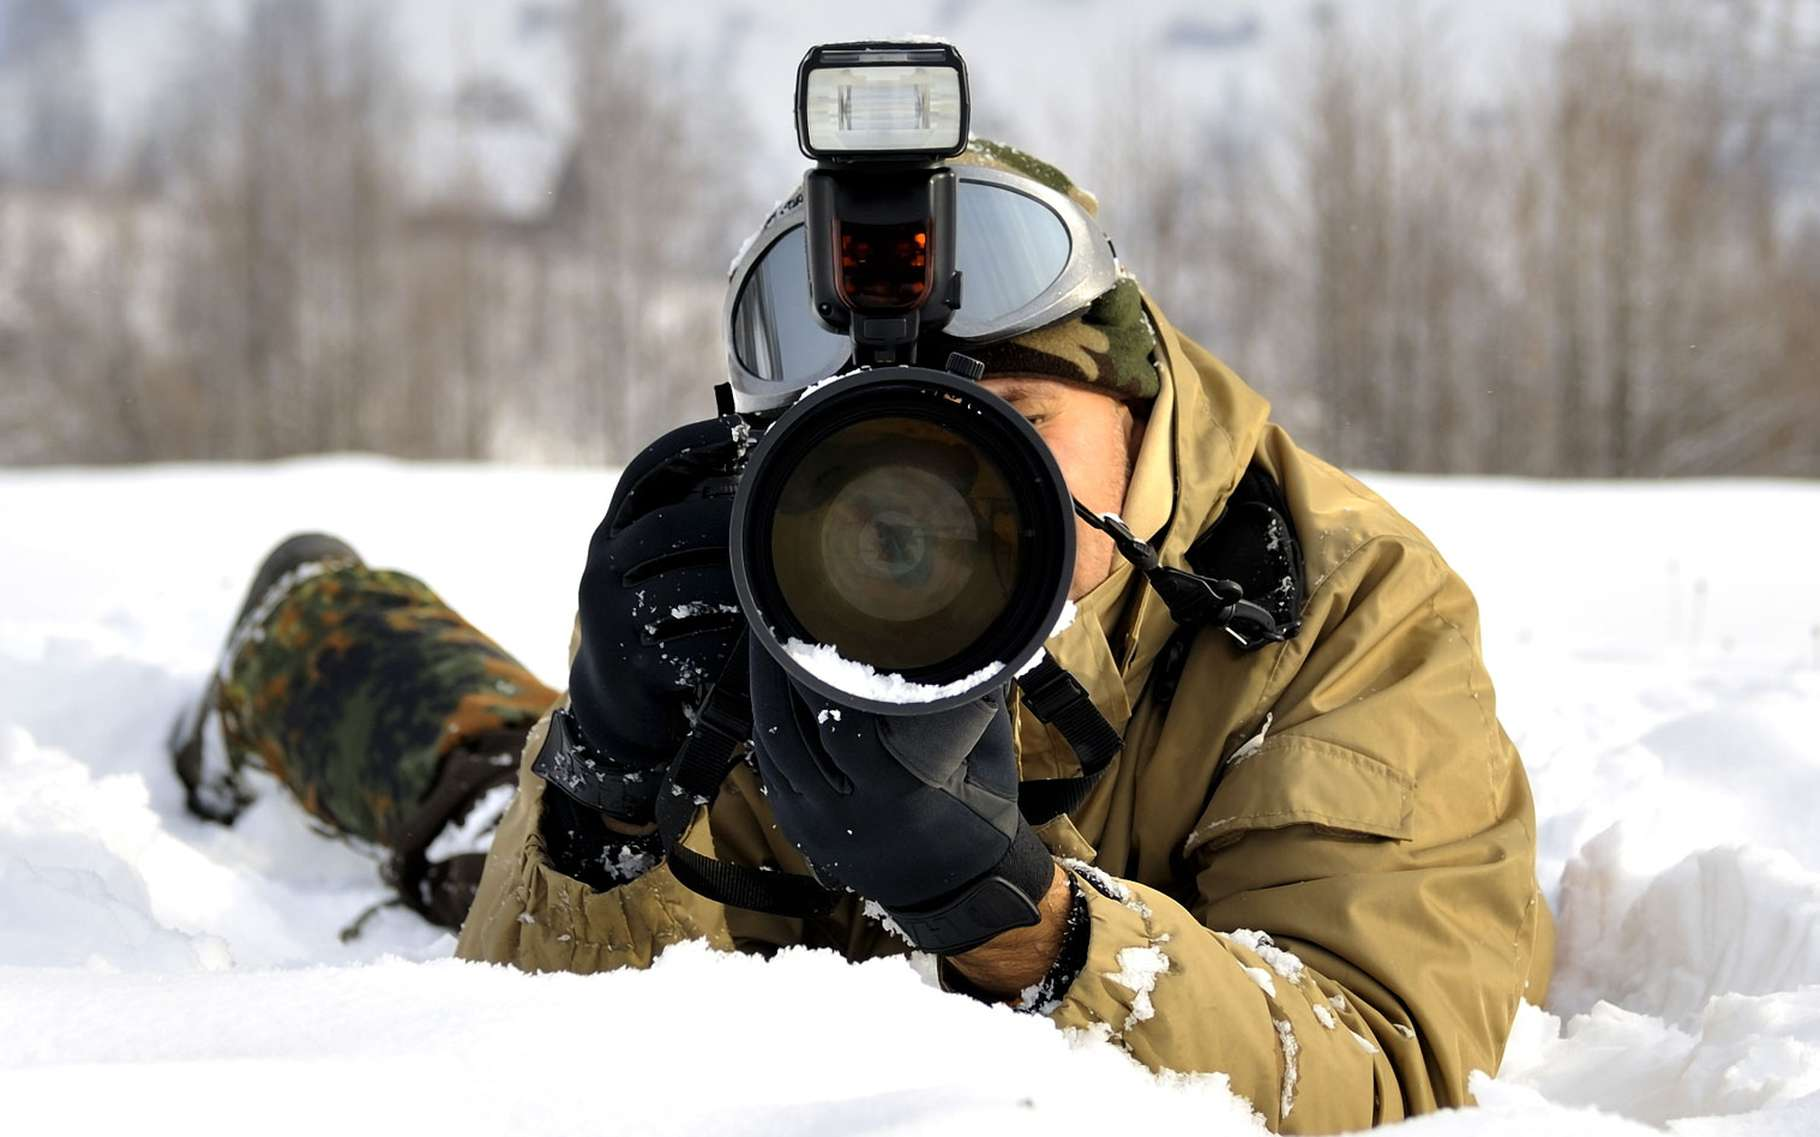 его использование фотоаппарата на морозе прекрасный загадочный